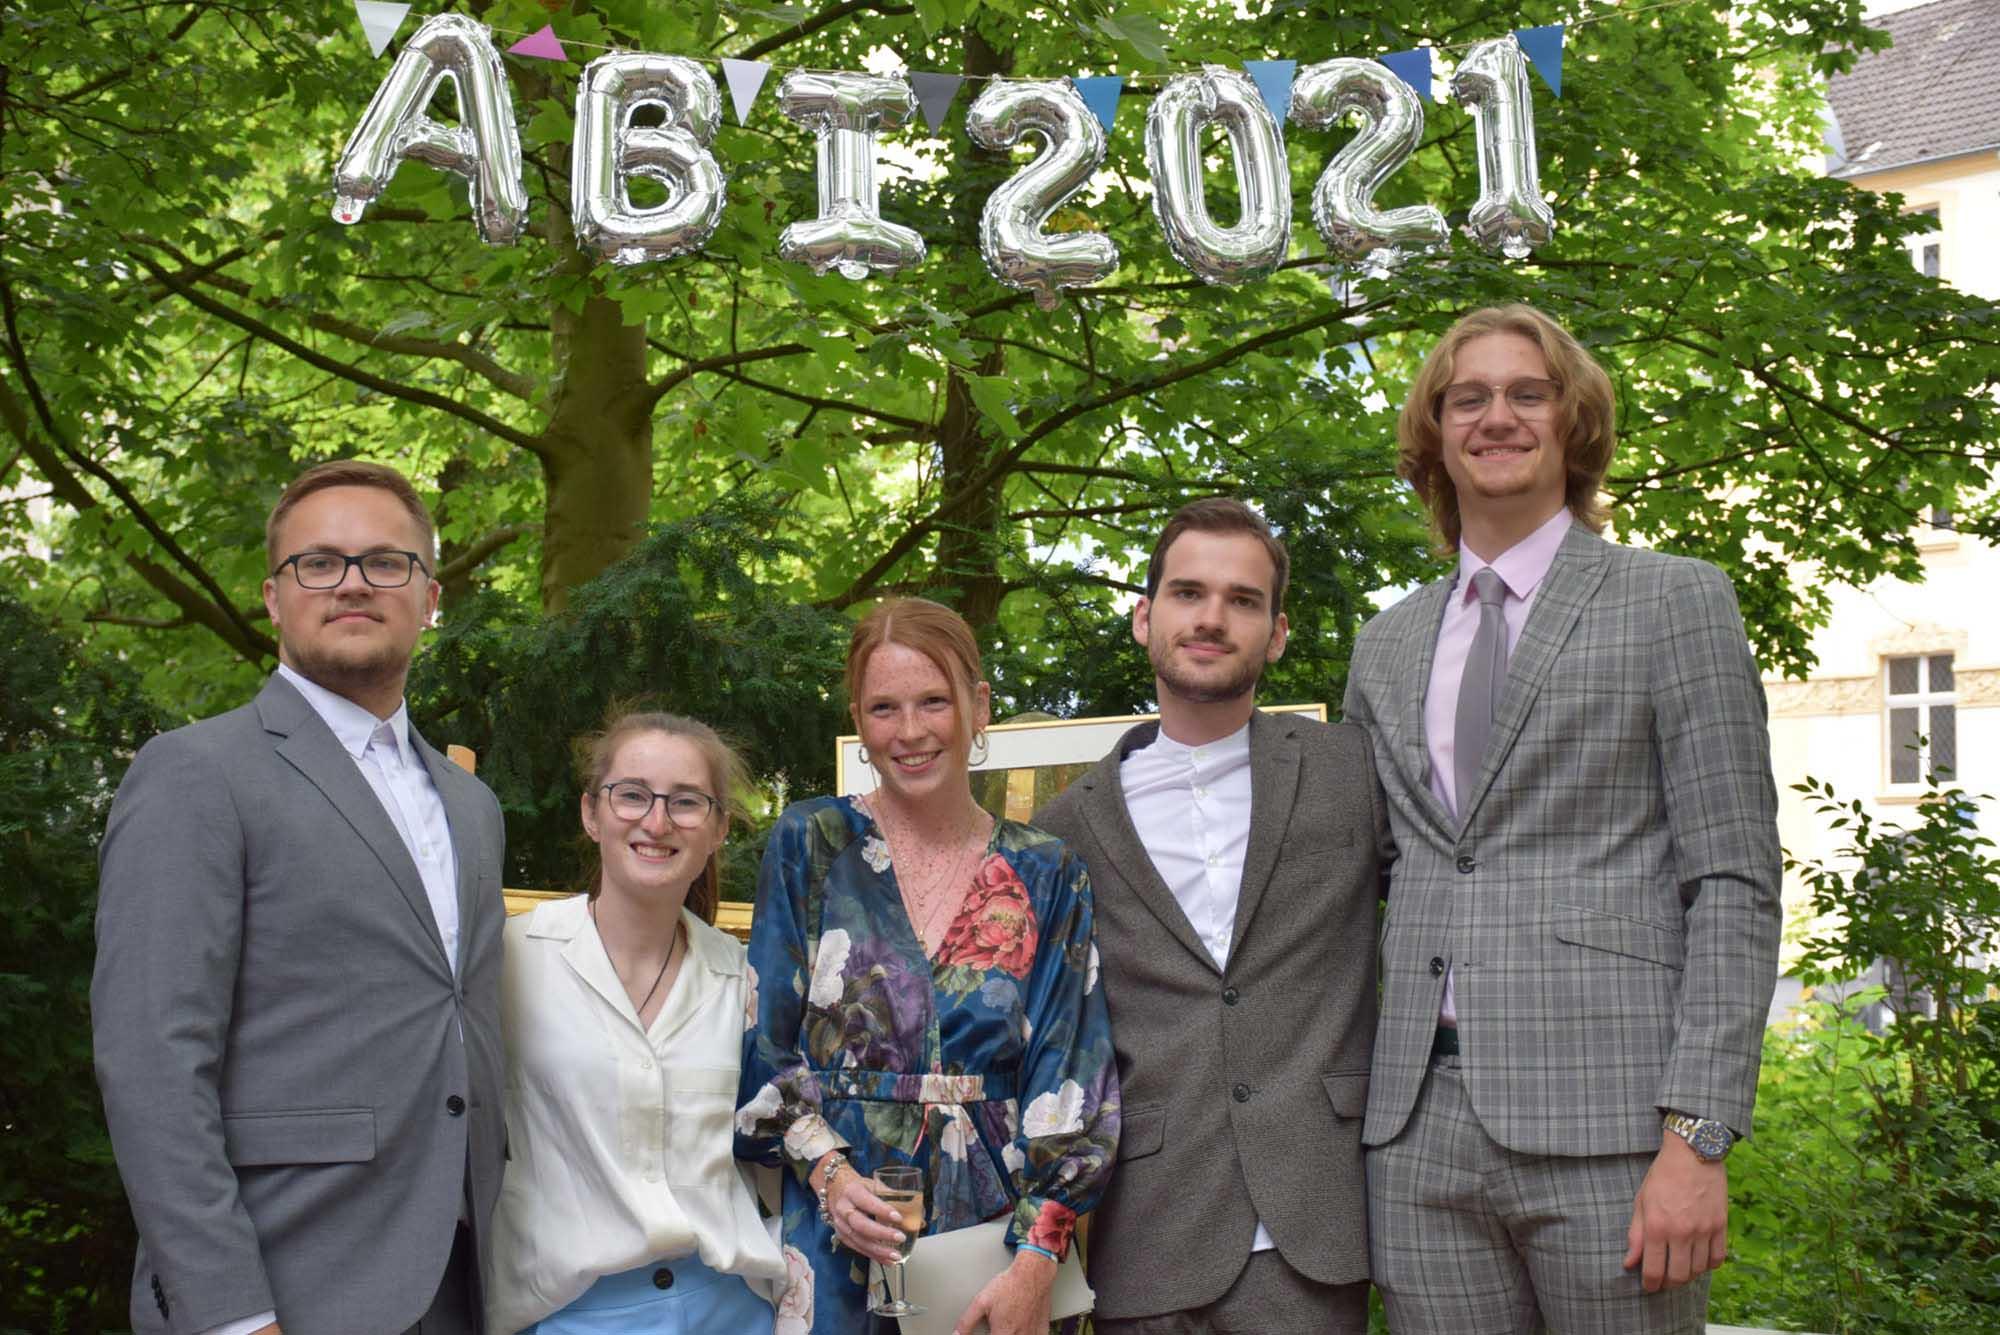 RWB Essen - Abiturfeier und Fachabiturfeier im Juni 2021 - Abschlussfeier auf dem Schulhof